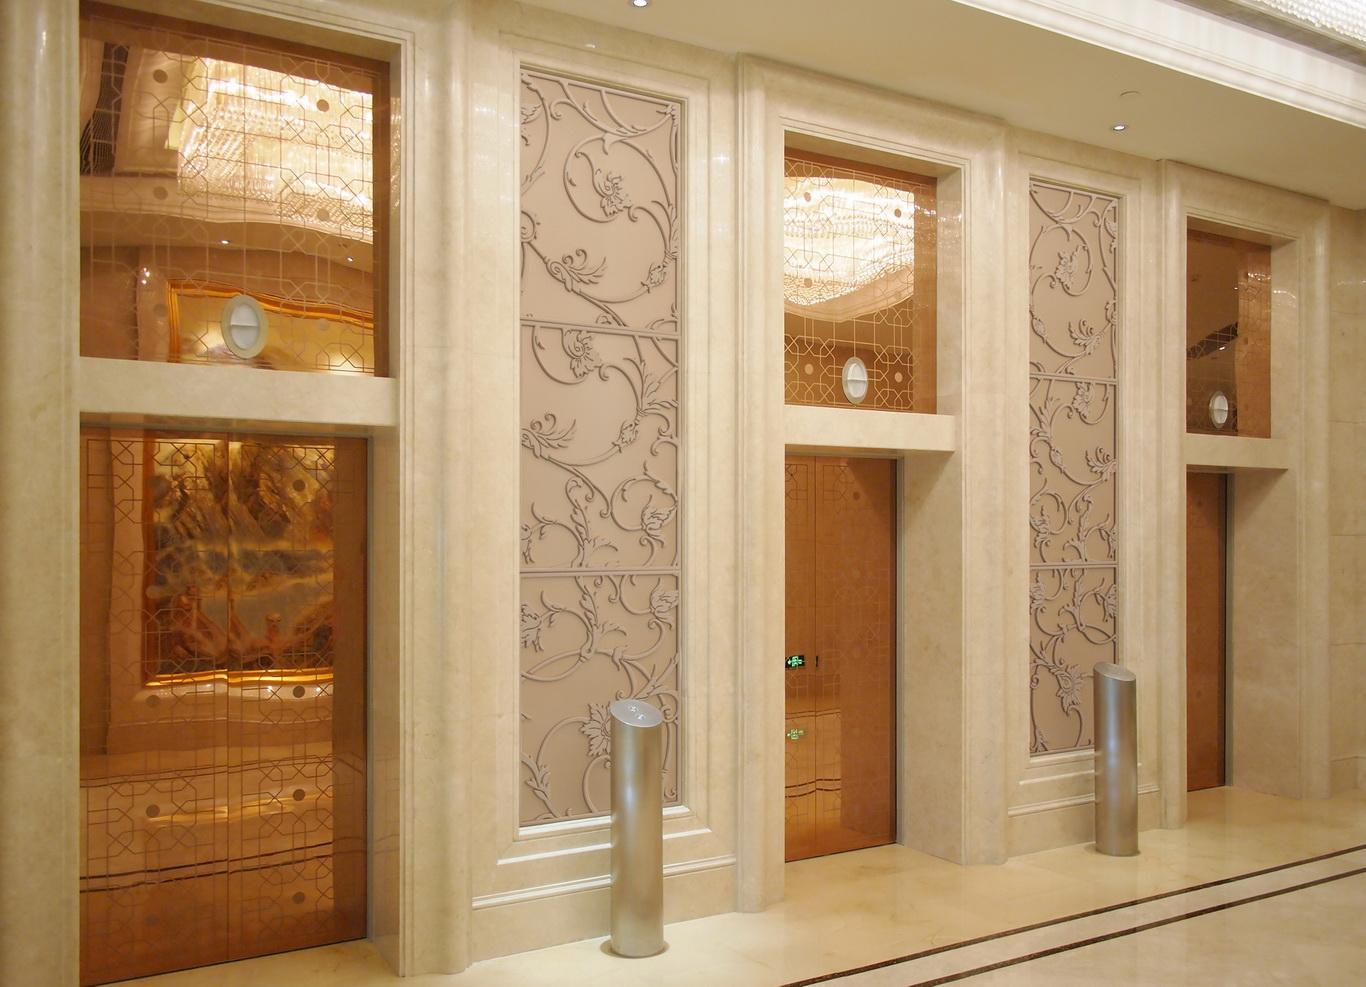 Tableaux Decorative Grilles Ceiling Décor & Treatments